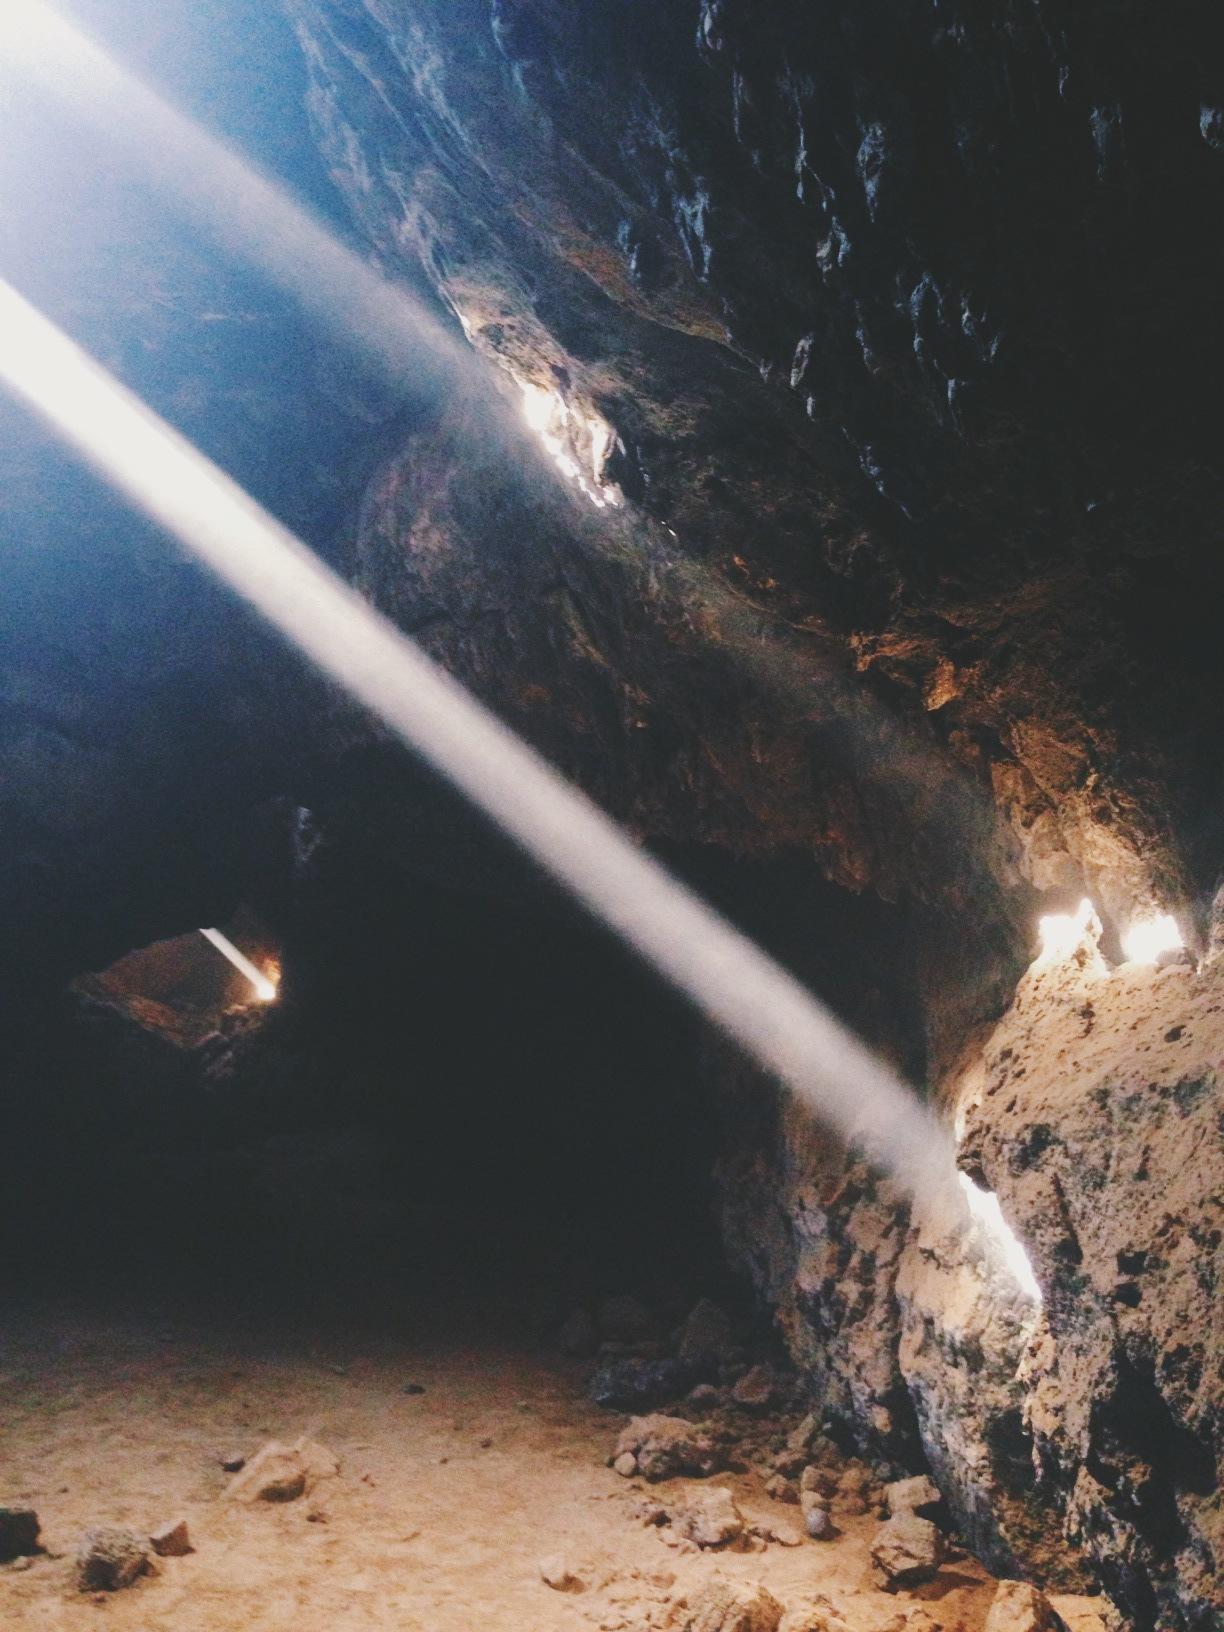 Sunbeams pierce the Lava Tube